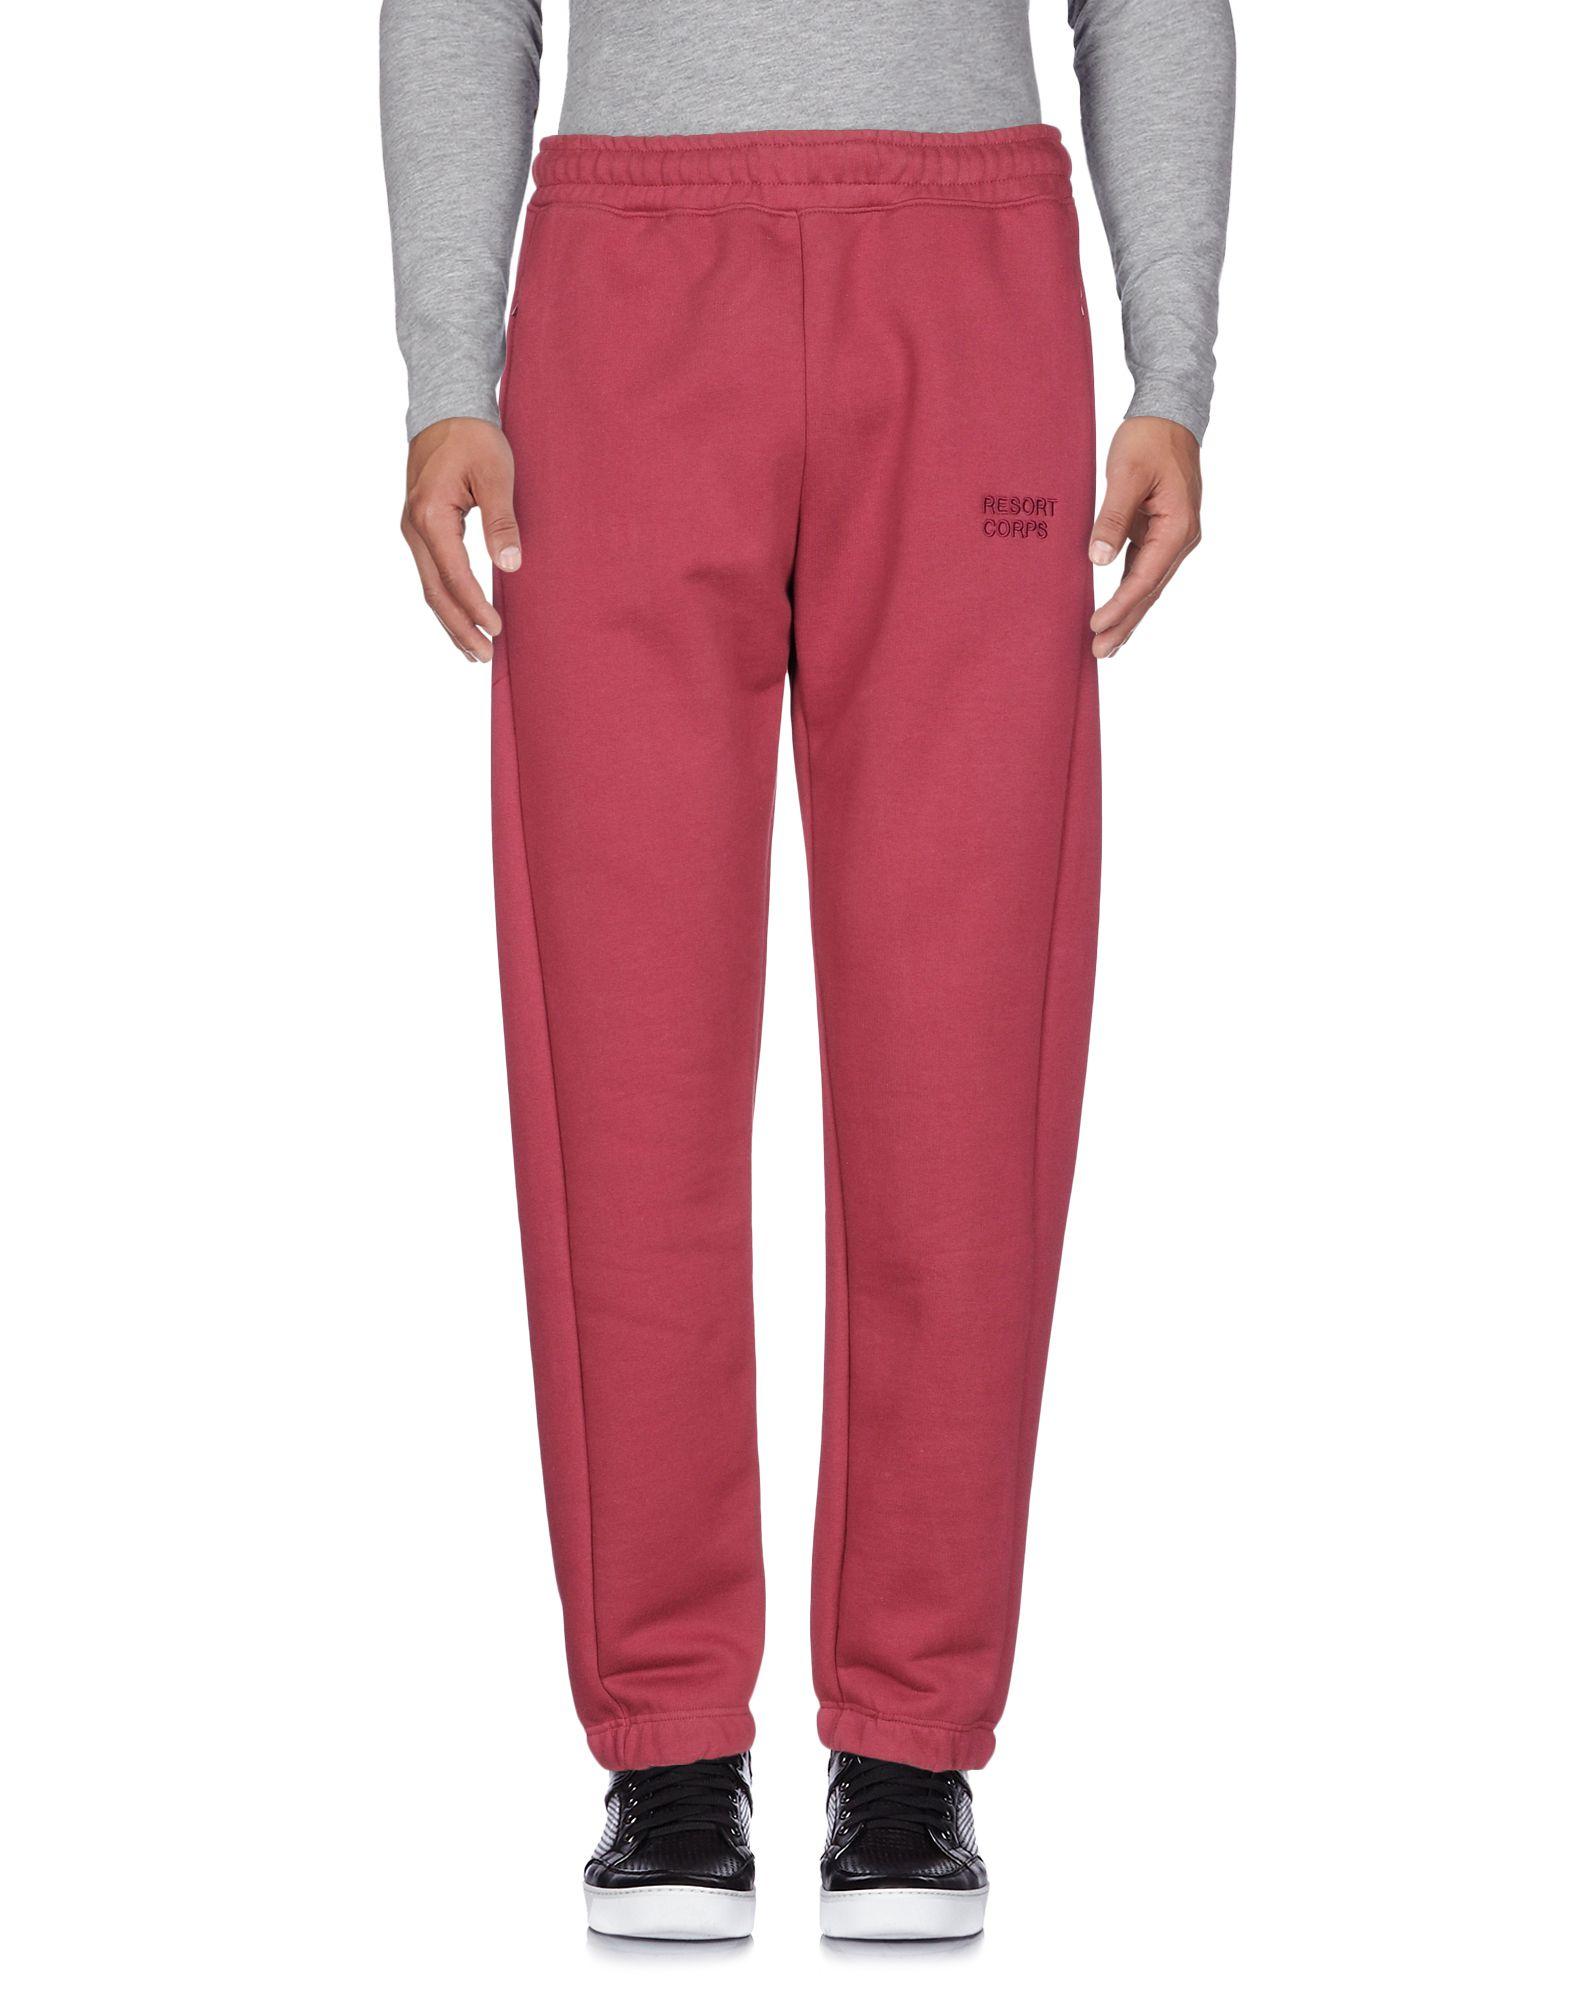 купить RESORT CORPS Повседневные брюки онлайн